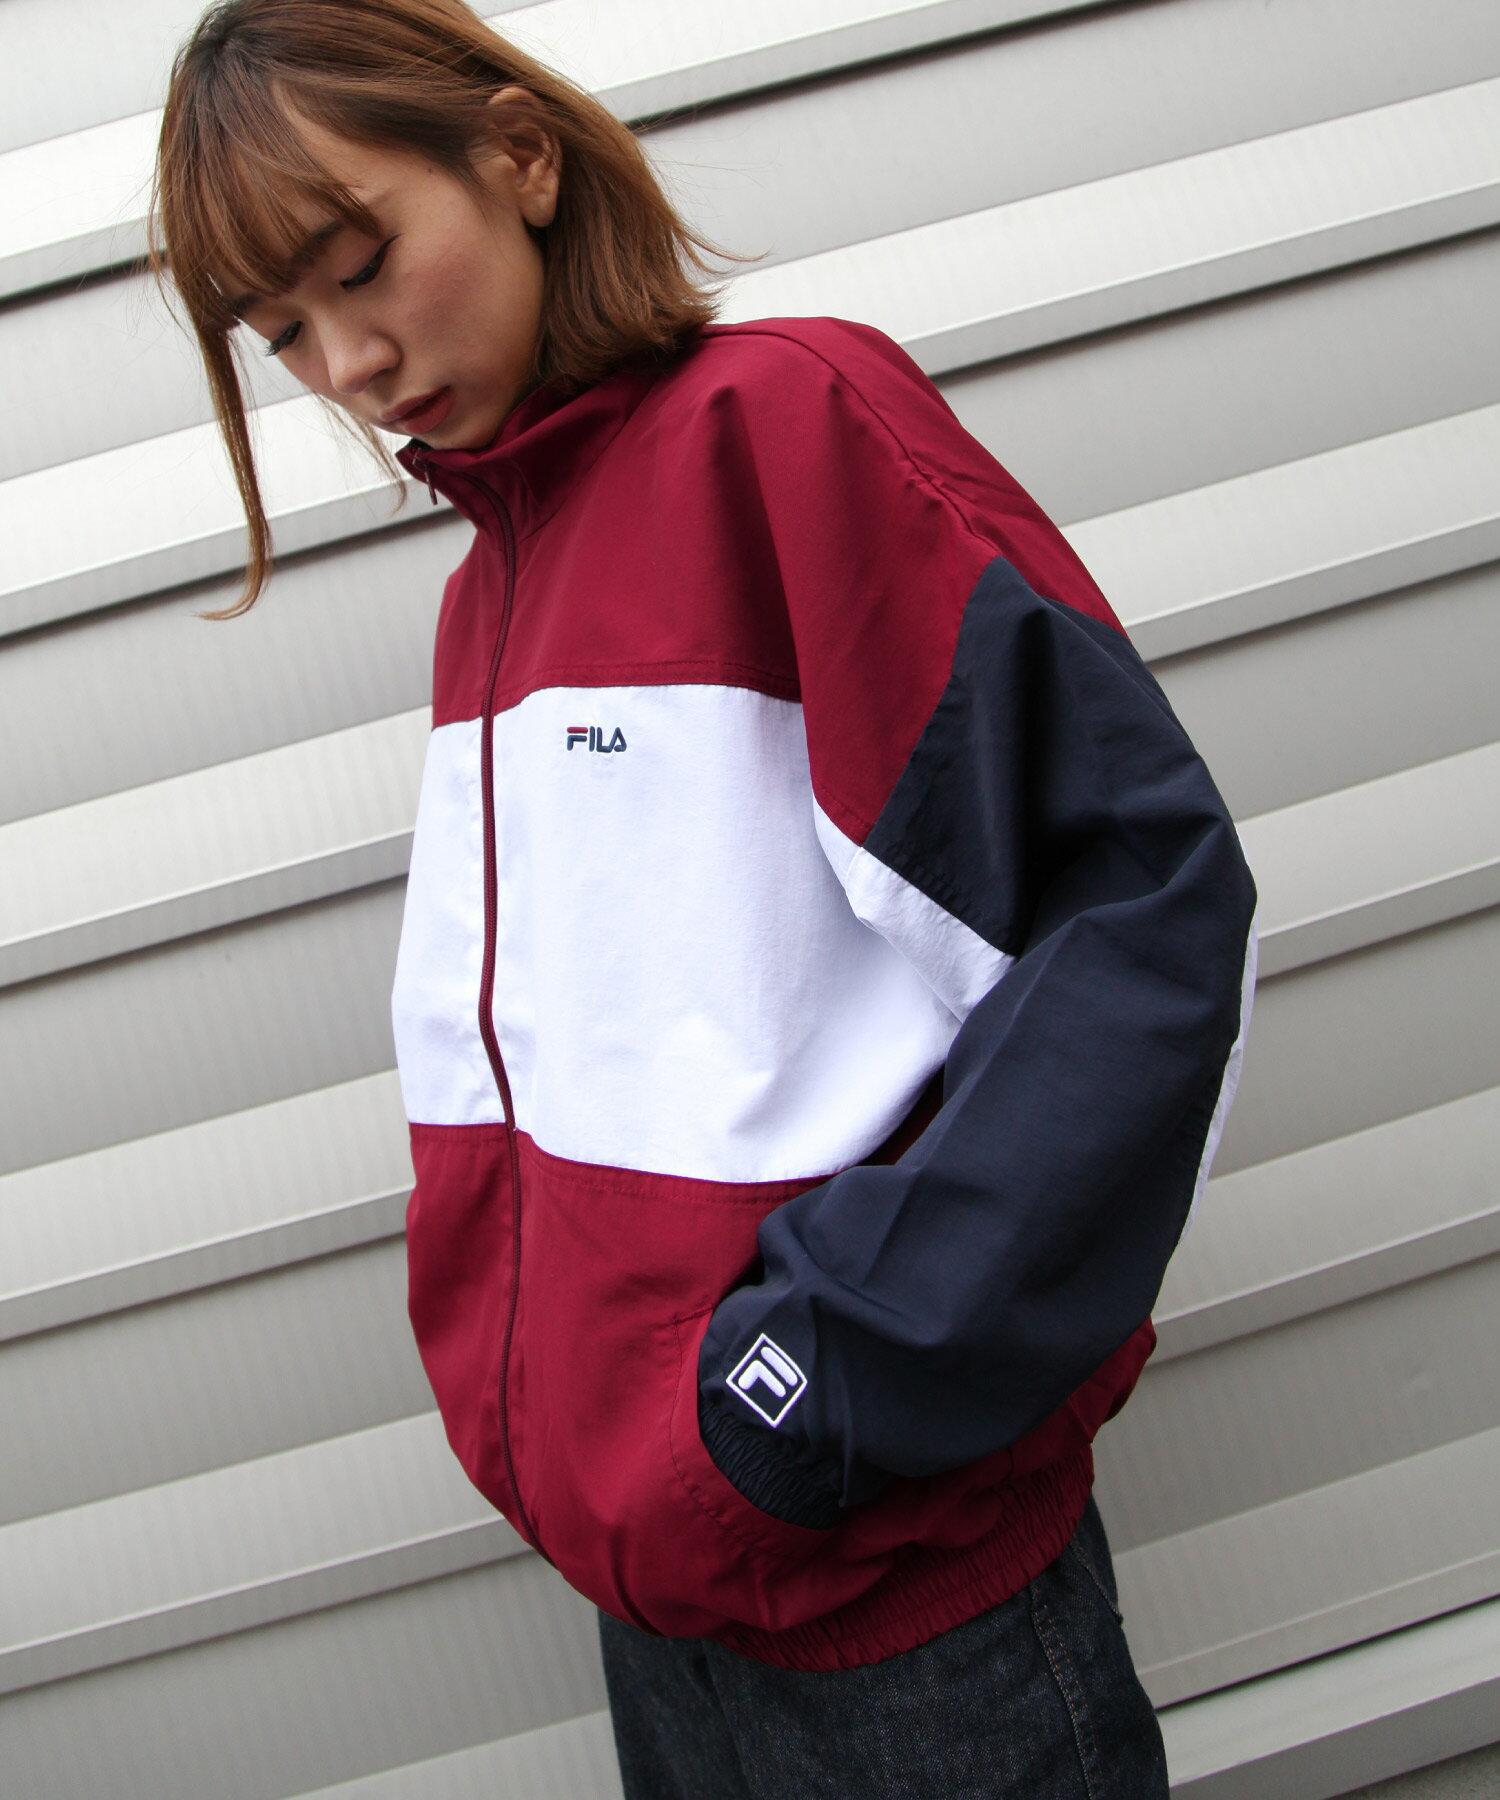 【FILA】LOGO刺繡登山外套 2